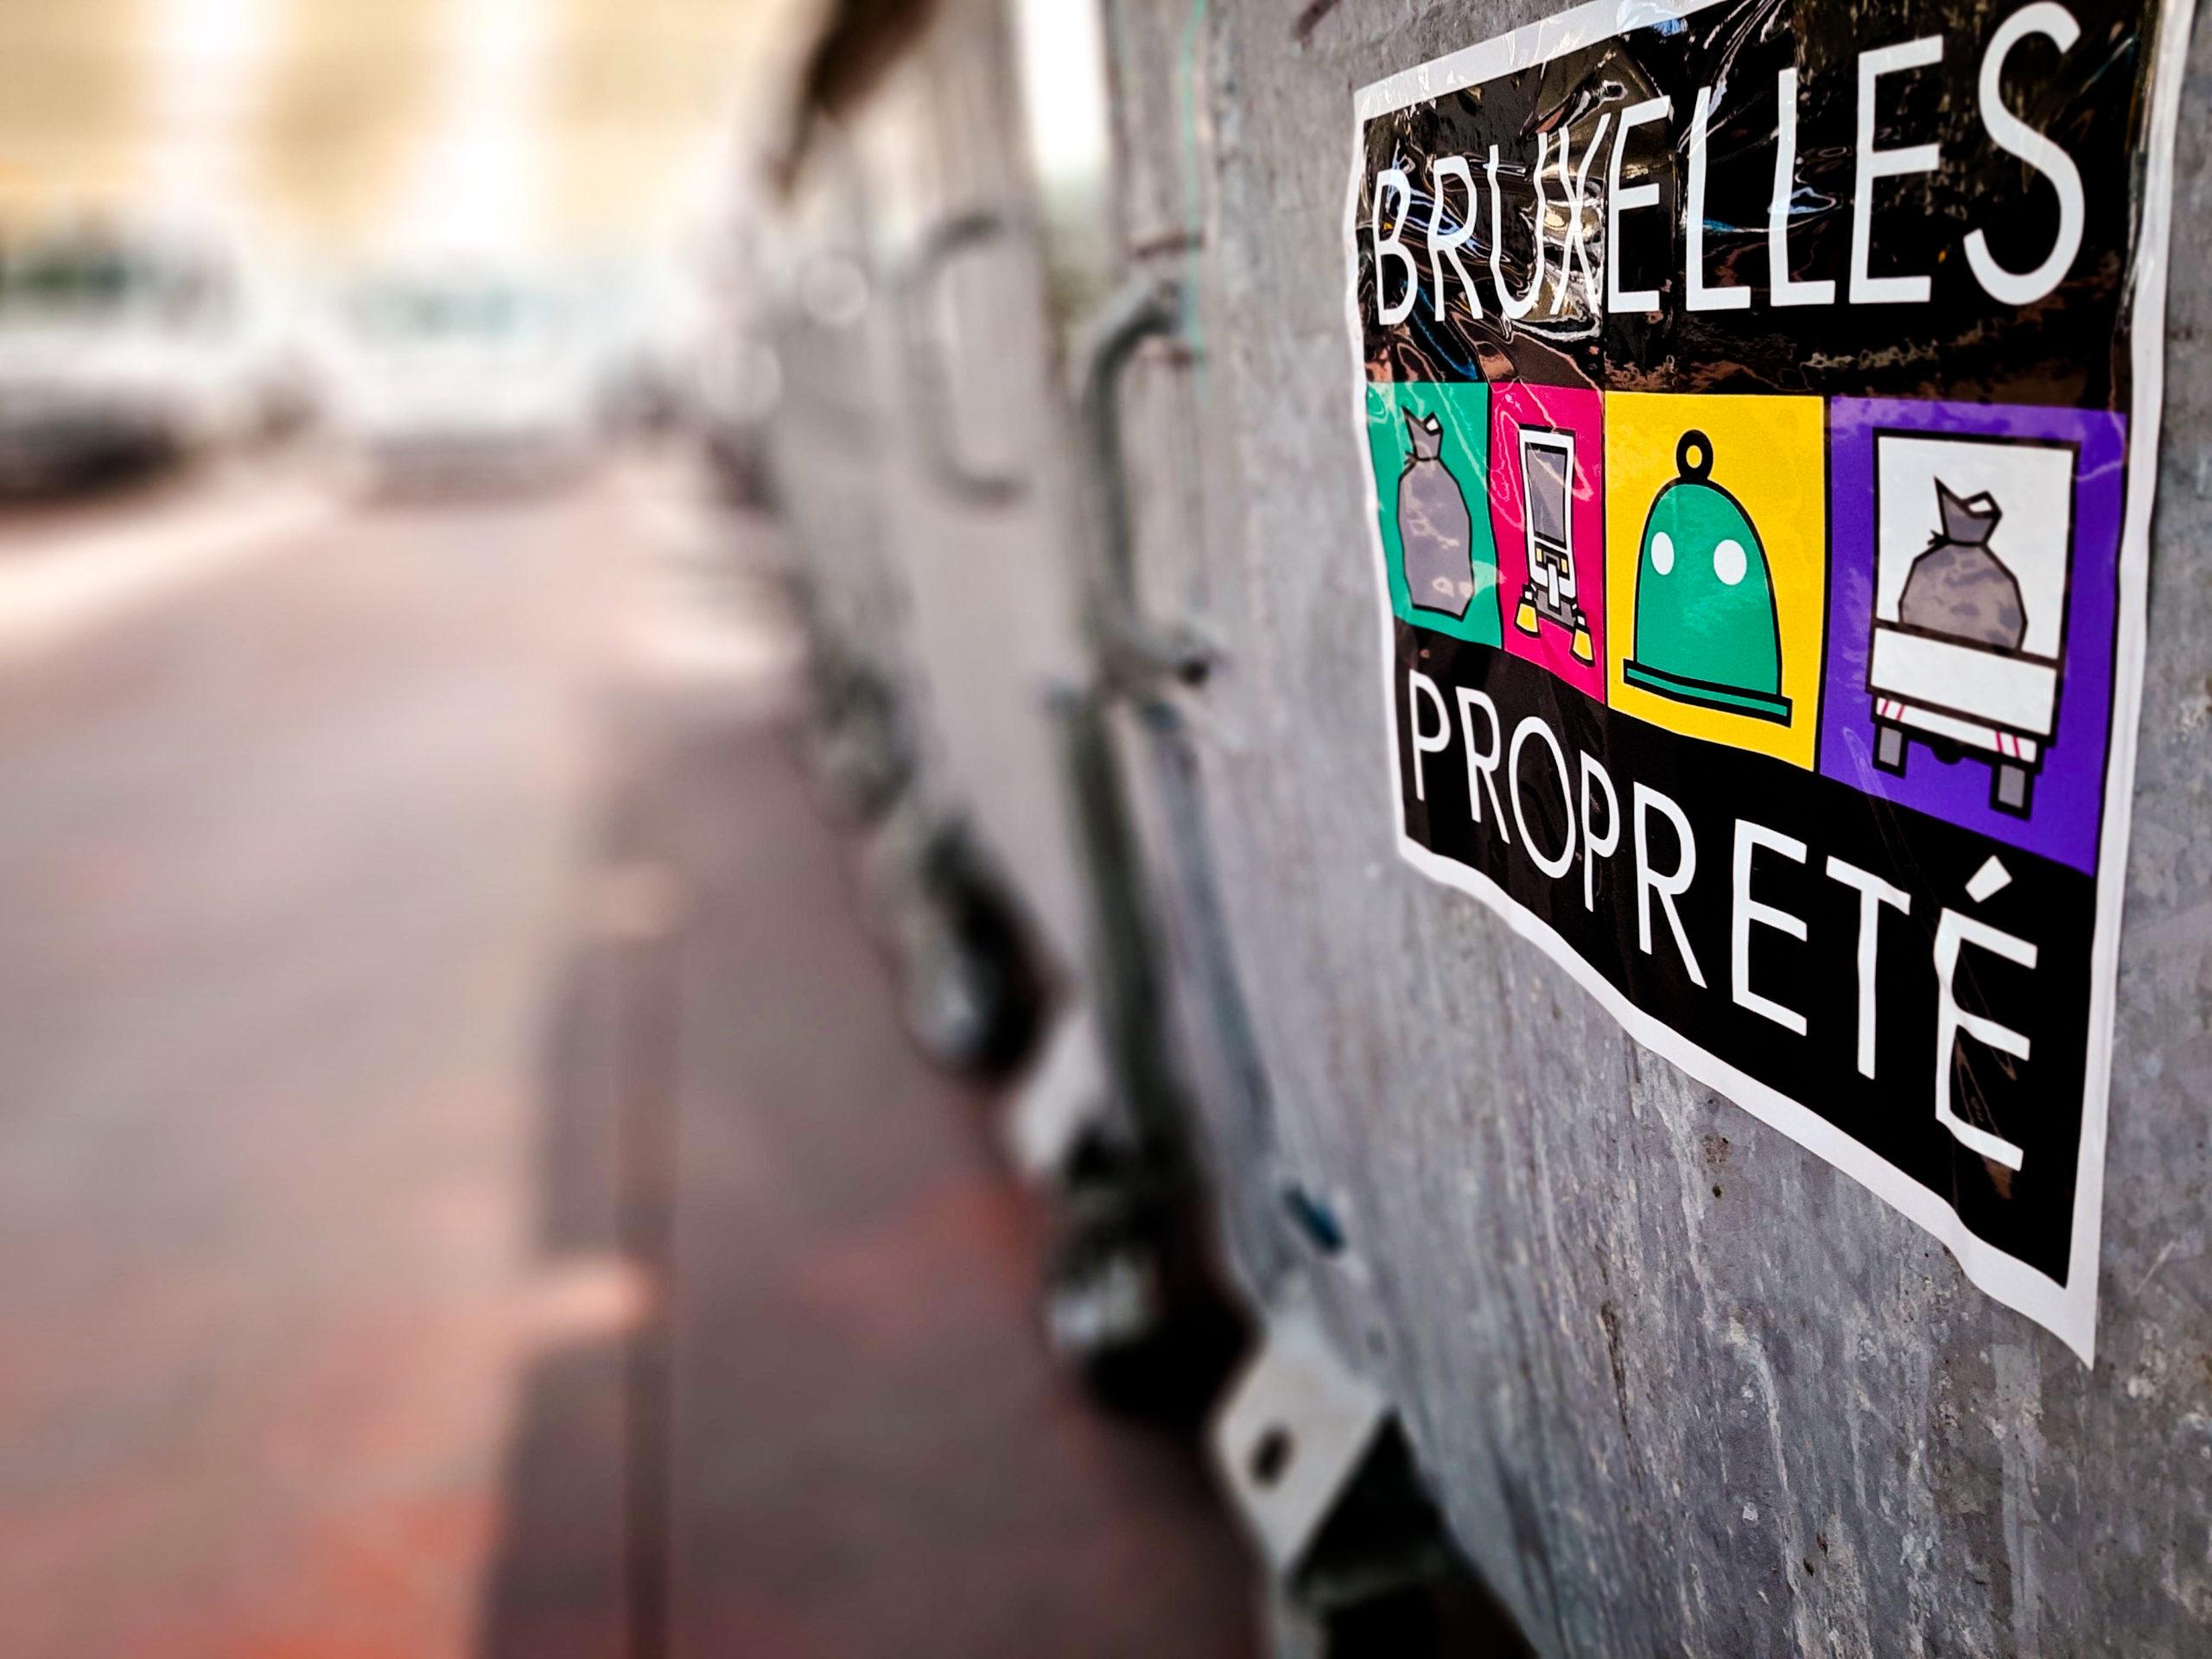 Une Agence Bruxelles-Propreté moderne pour relever les défis du XXIème siècle